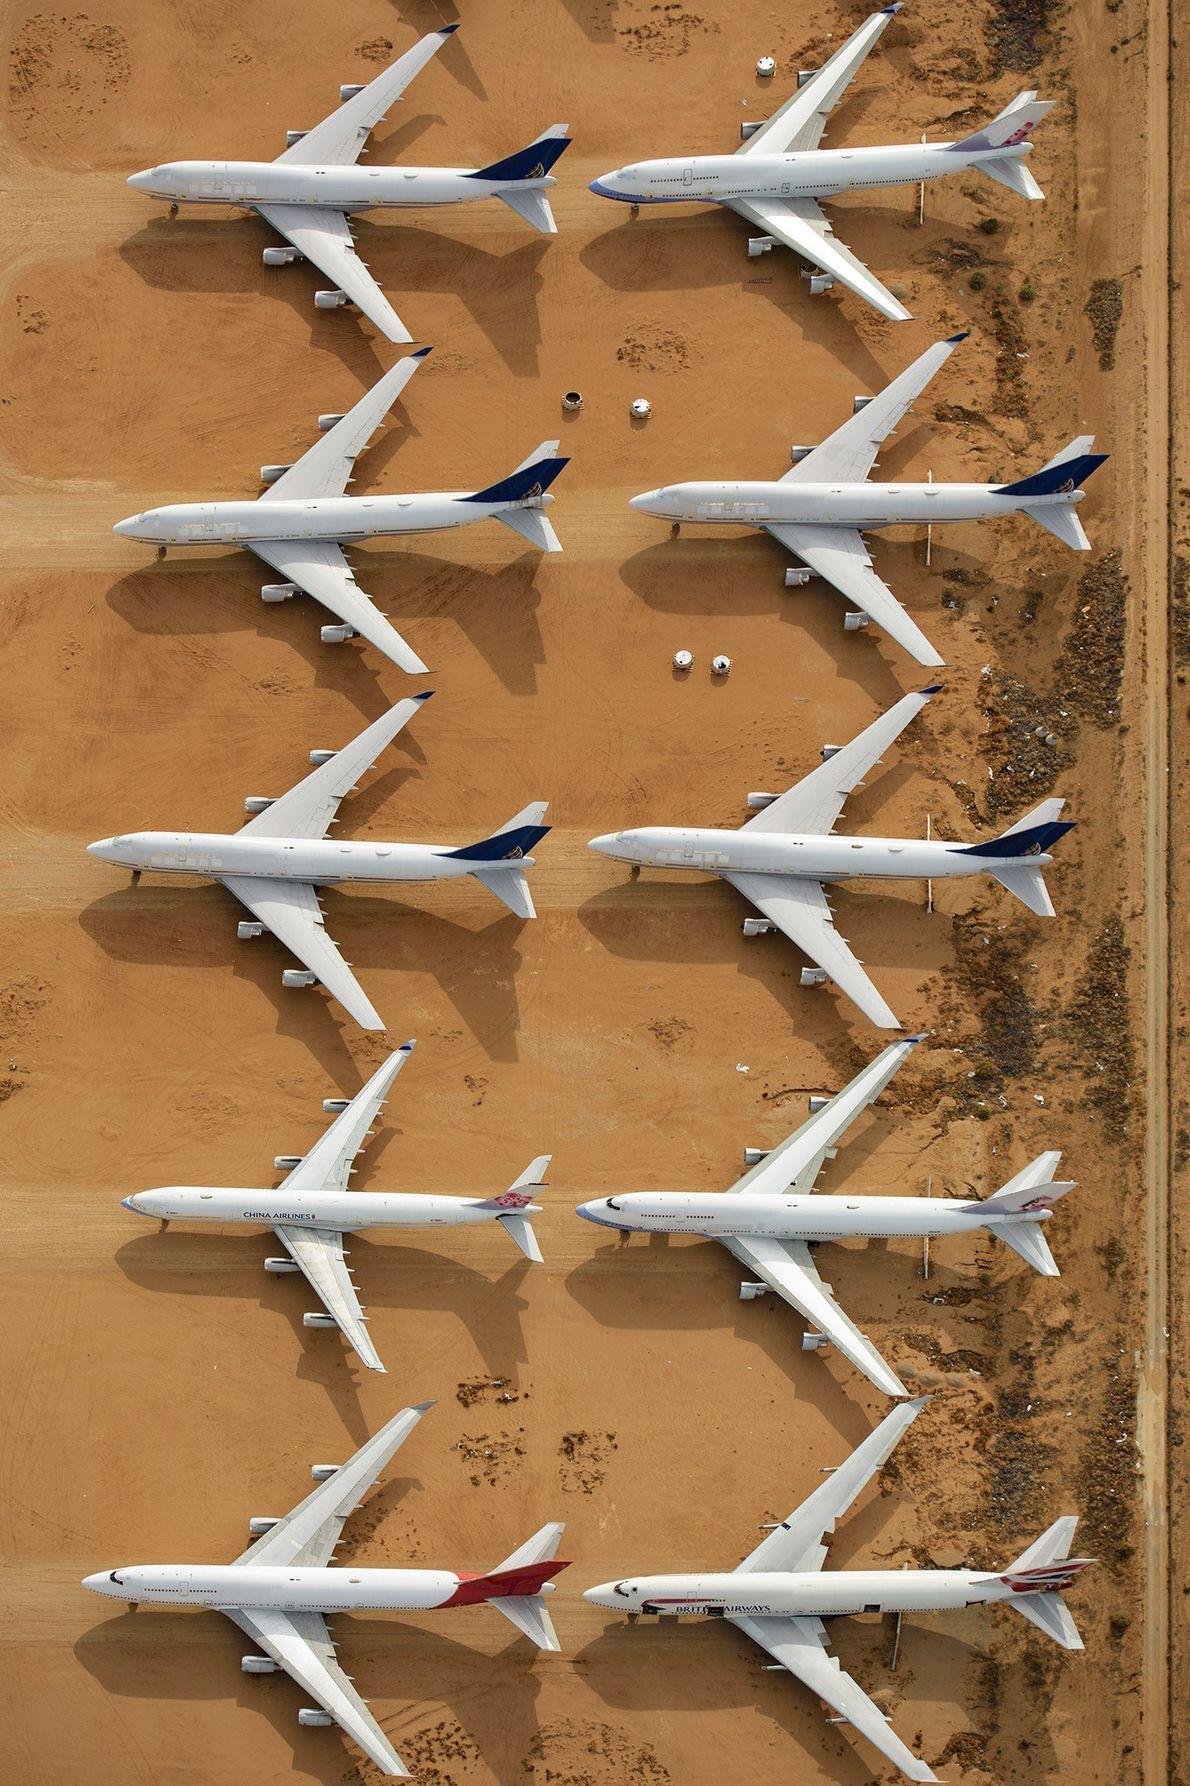 O aeroporto também recebe aviões em fim de vida, agora usados para peças e ferro velho.